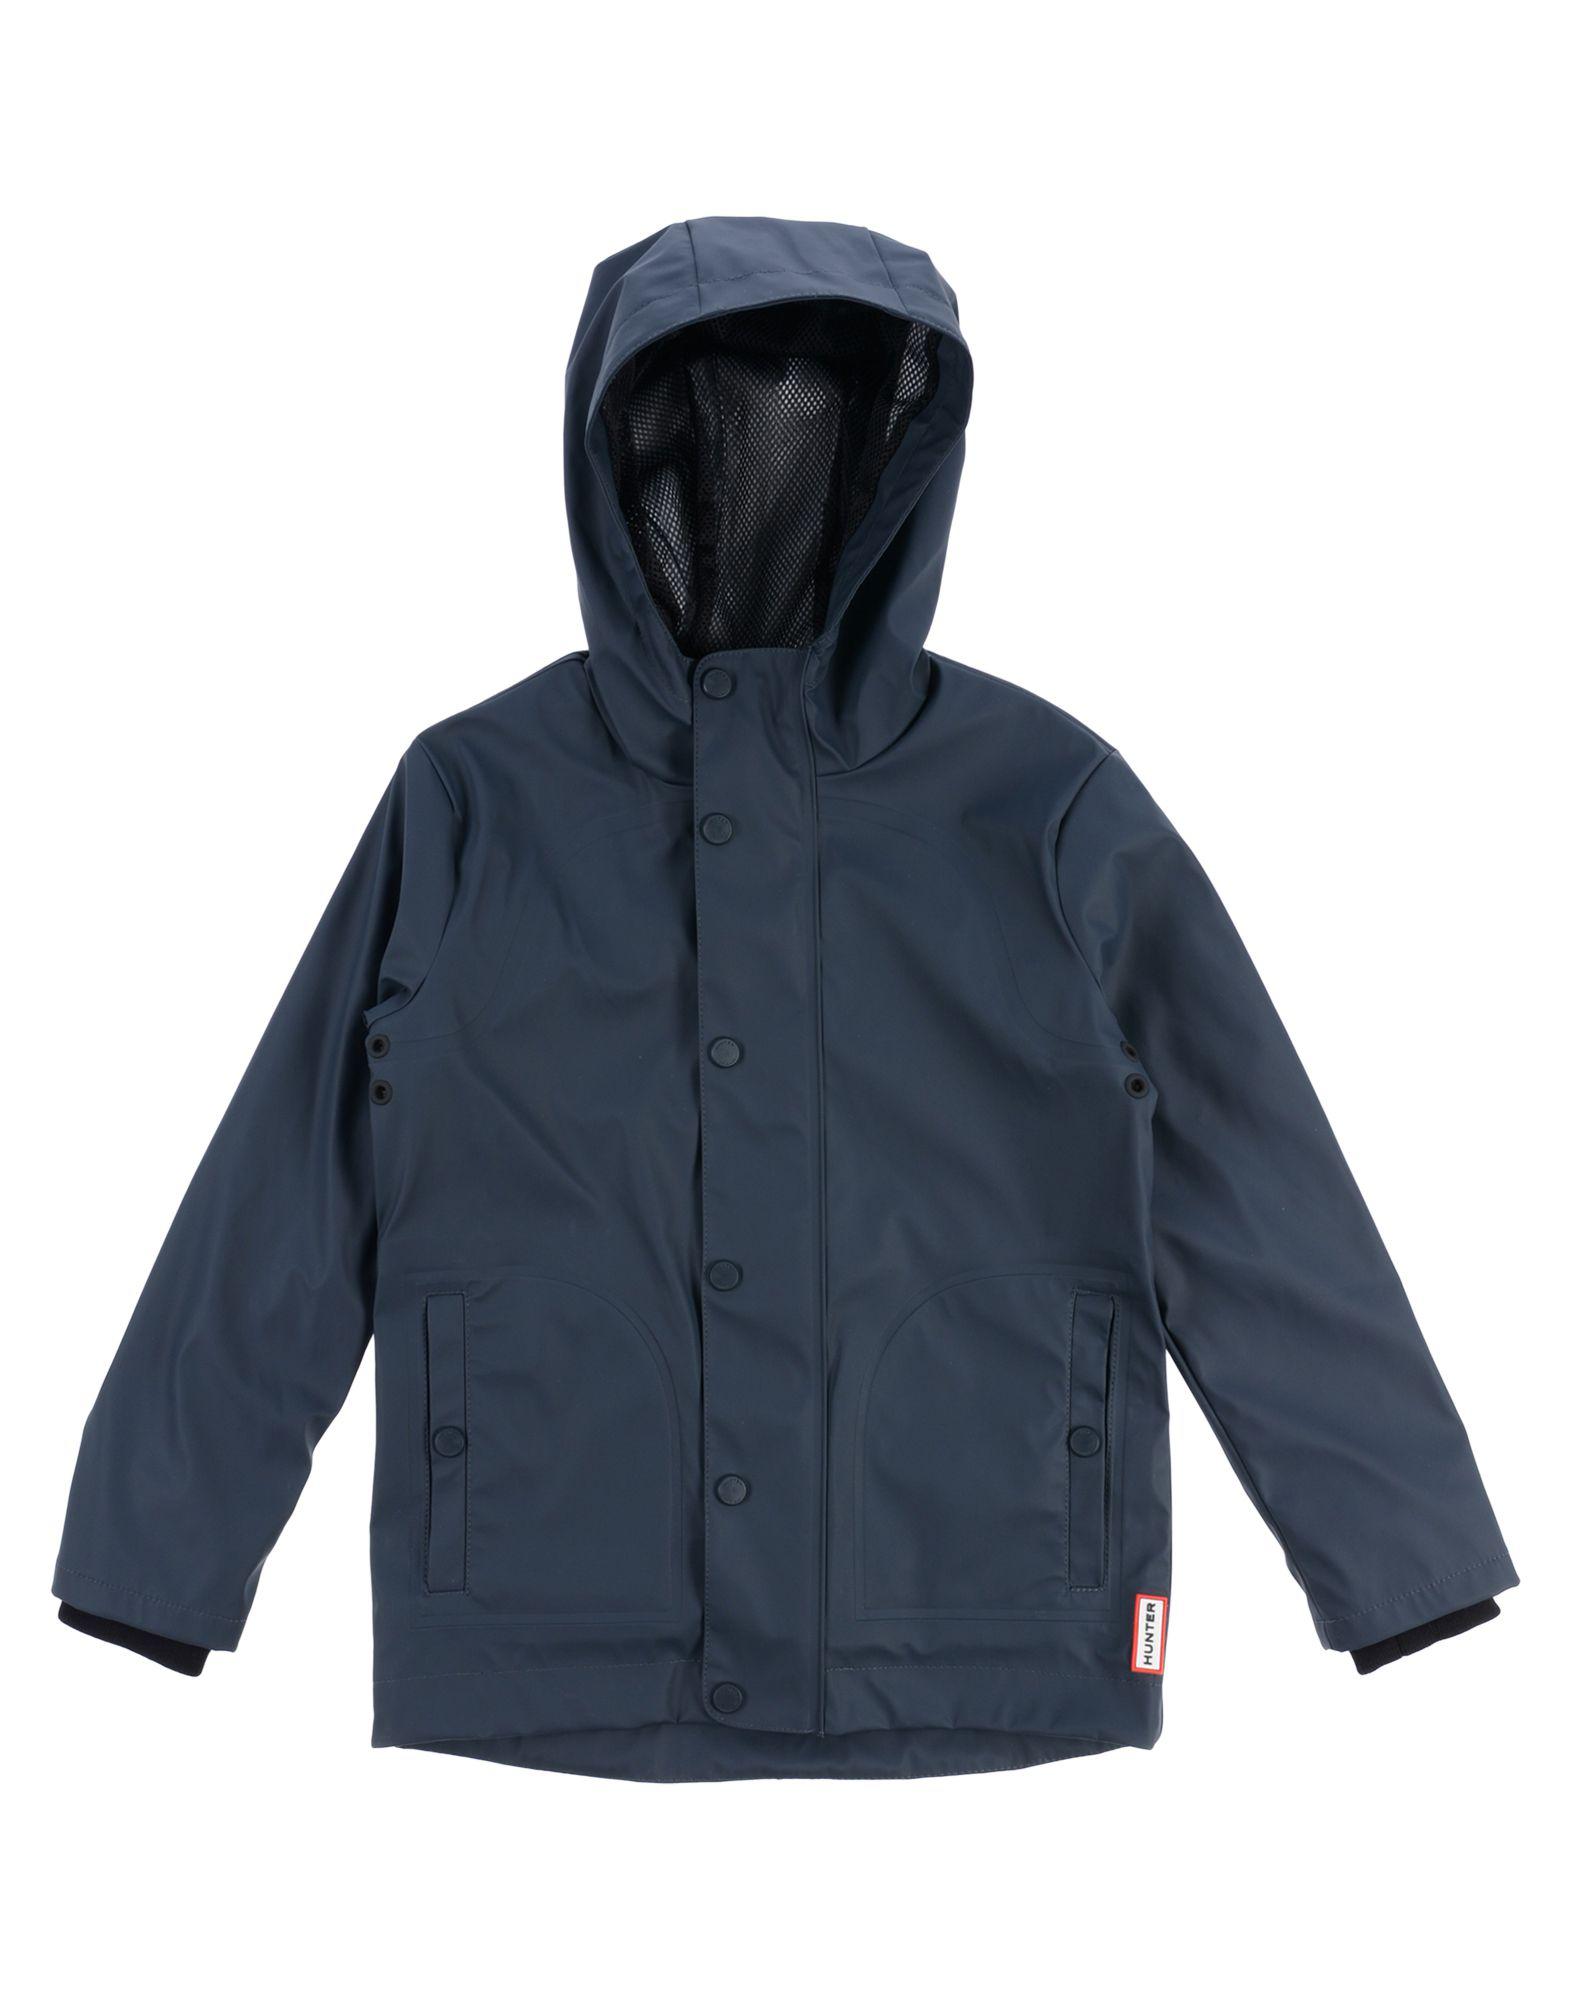 Hunter Jackets In Dark Blue